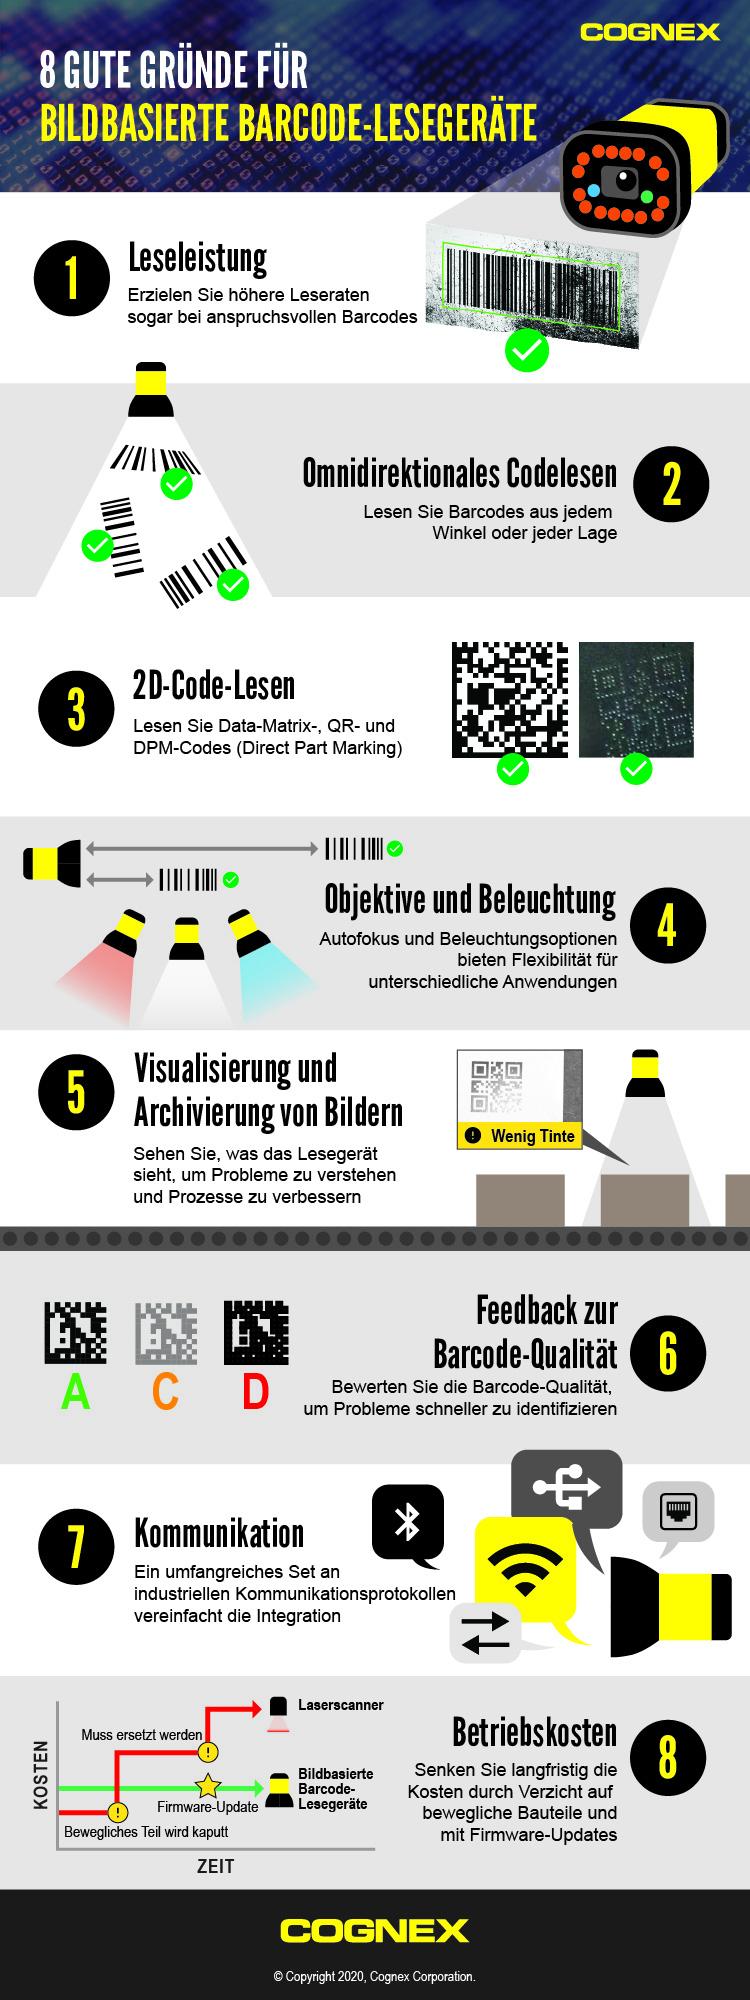 8 gute Gründe für Barcode-Lesegeräte Infografik